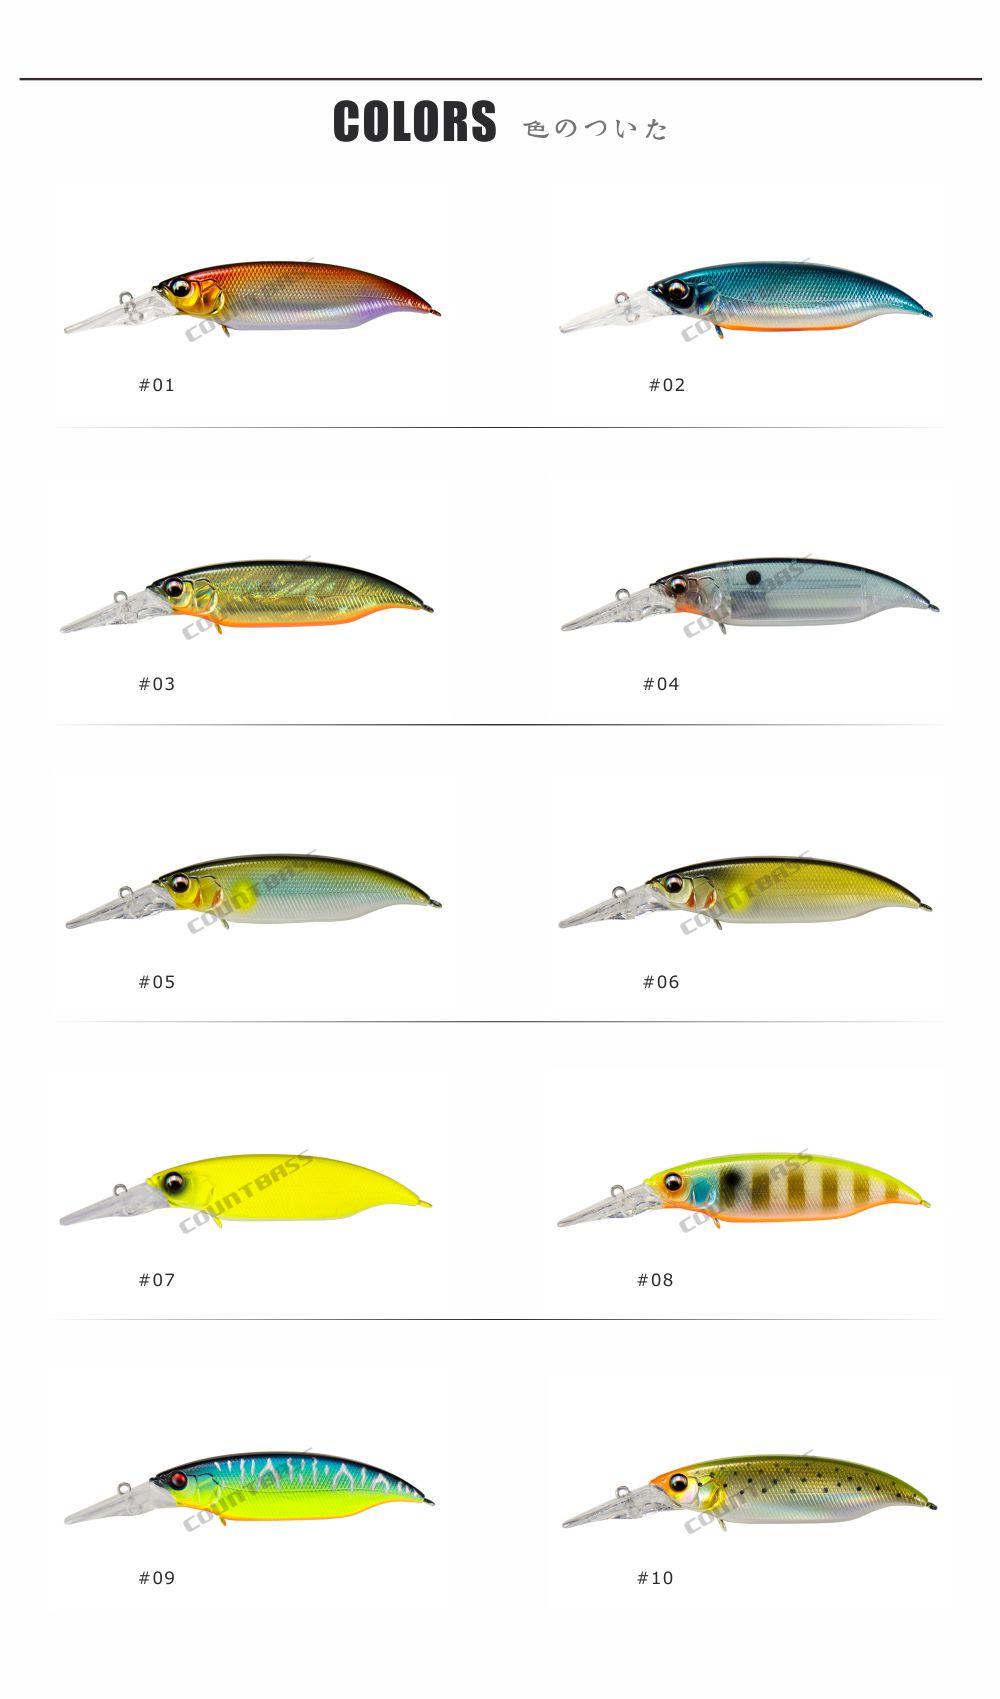 AC161-colors